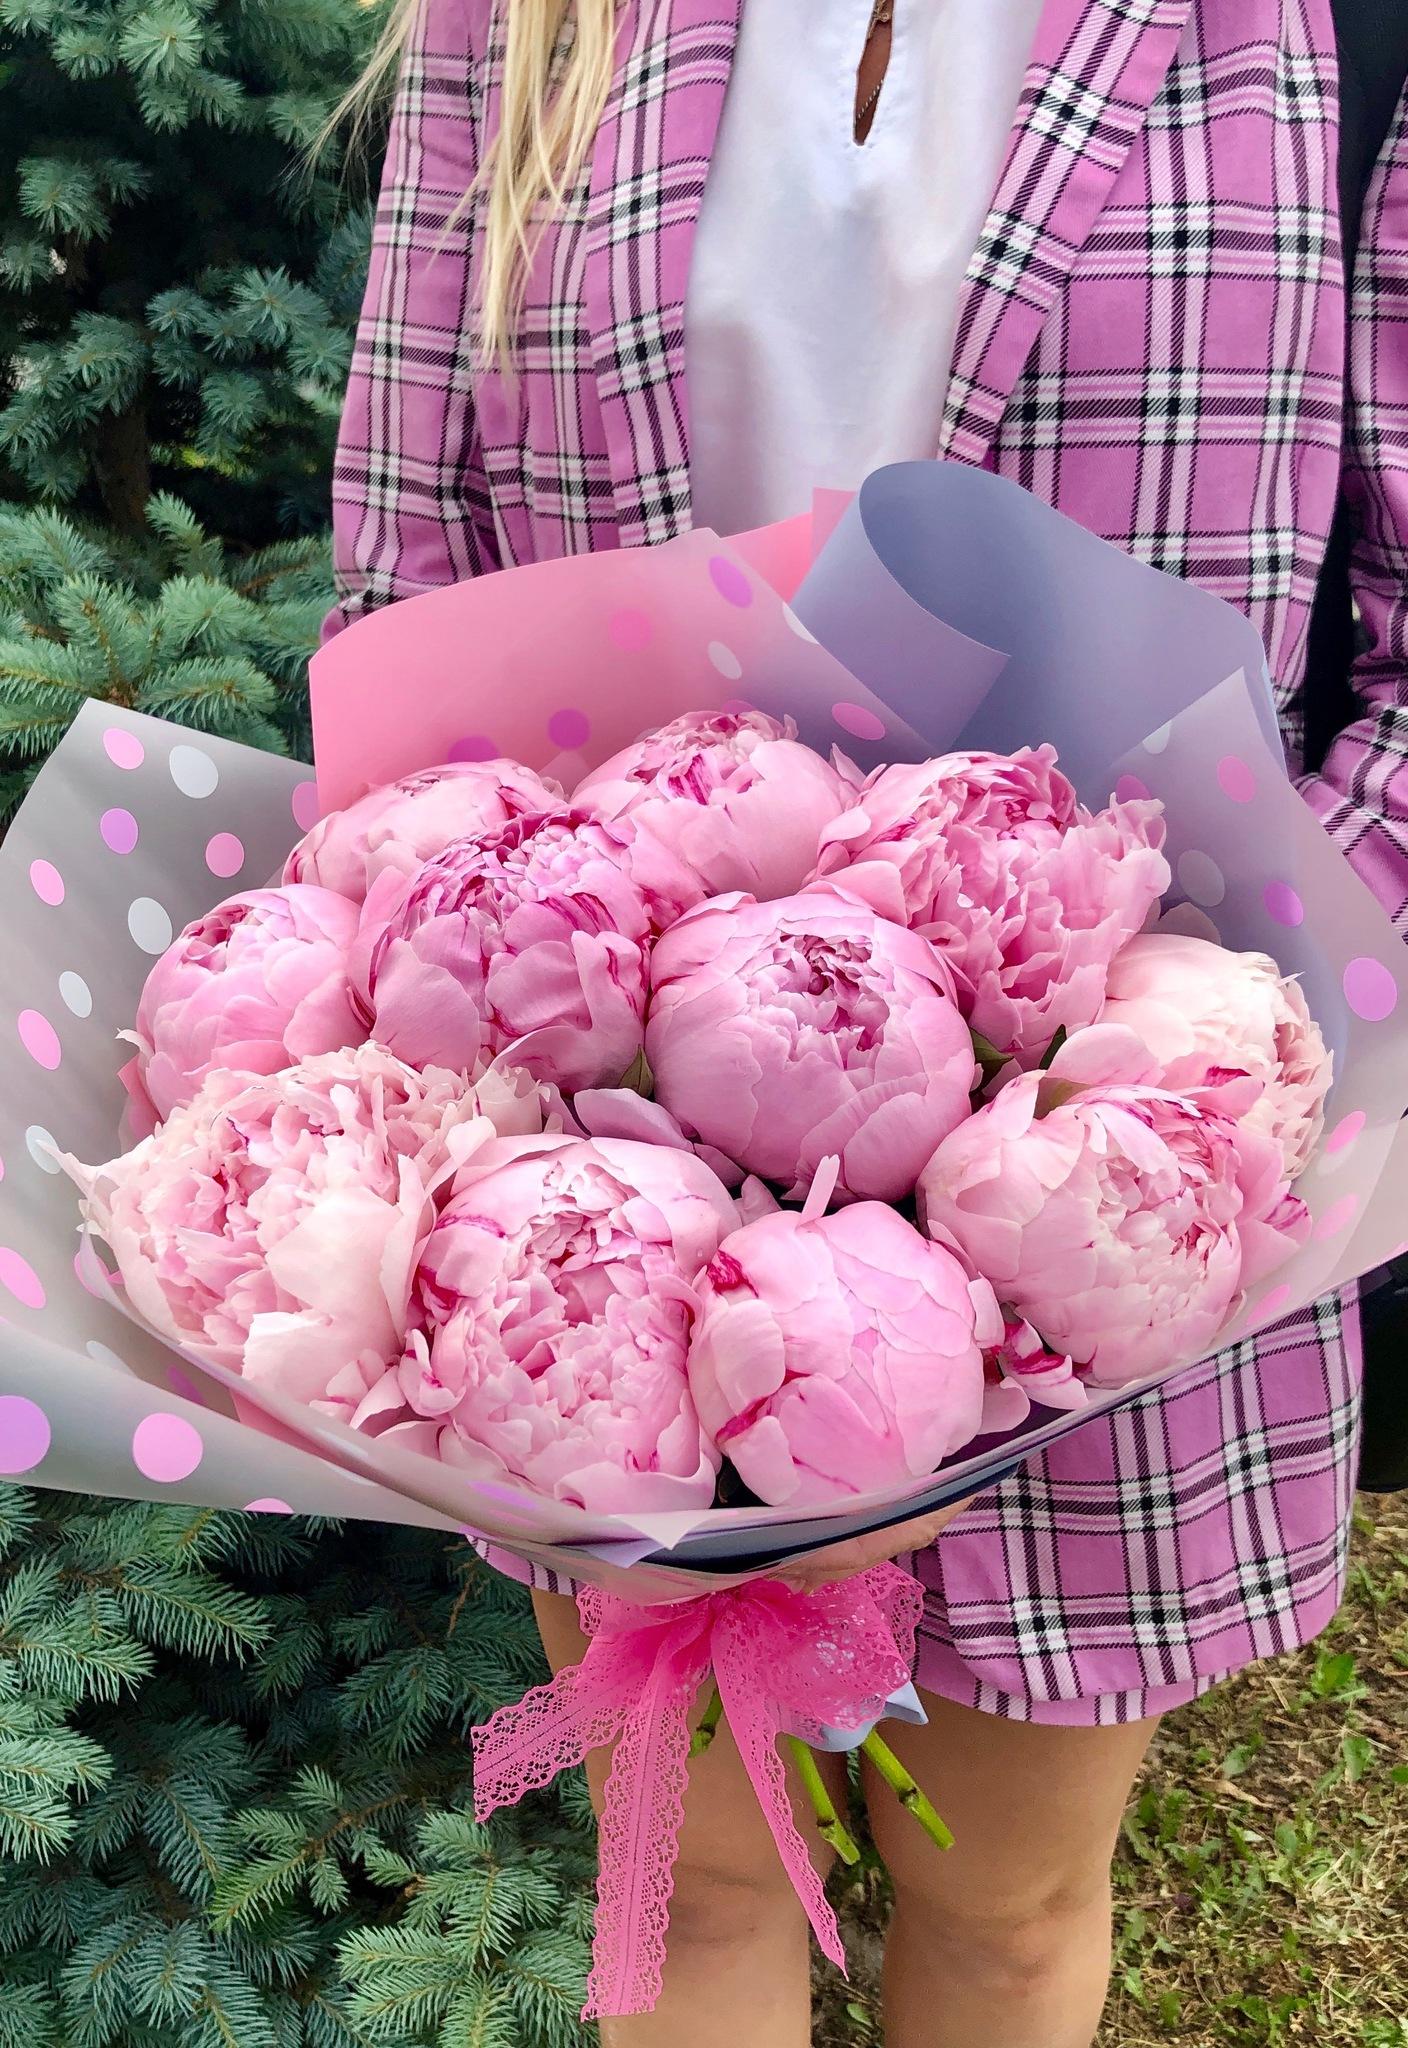 Доставка цветов хабаровск пионы, марта